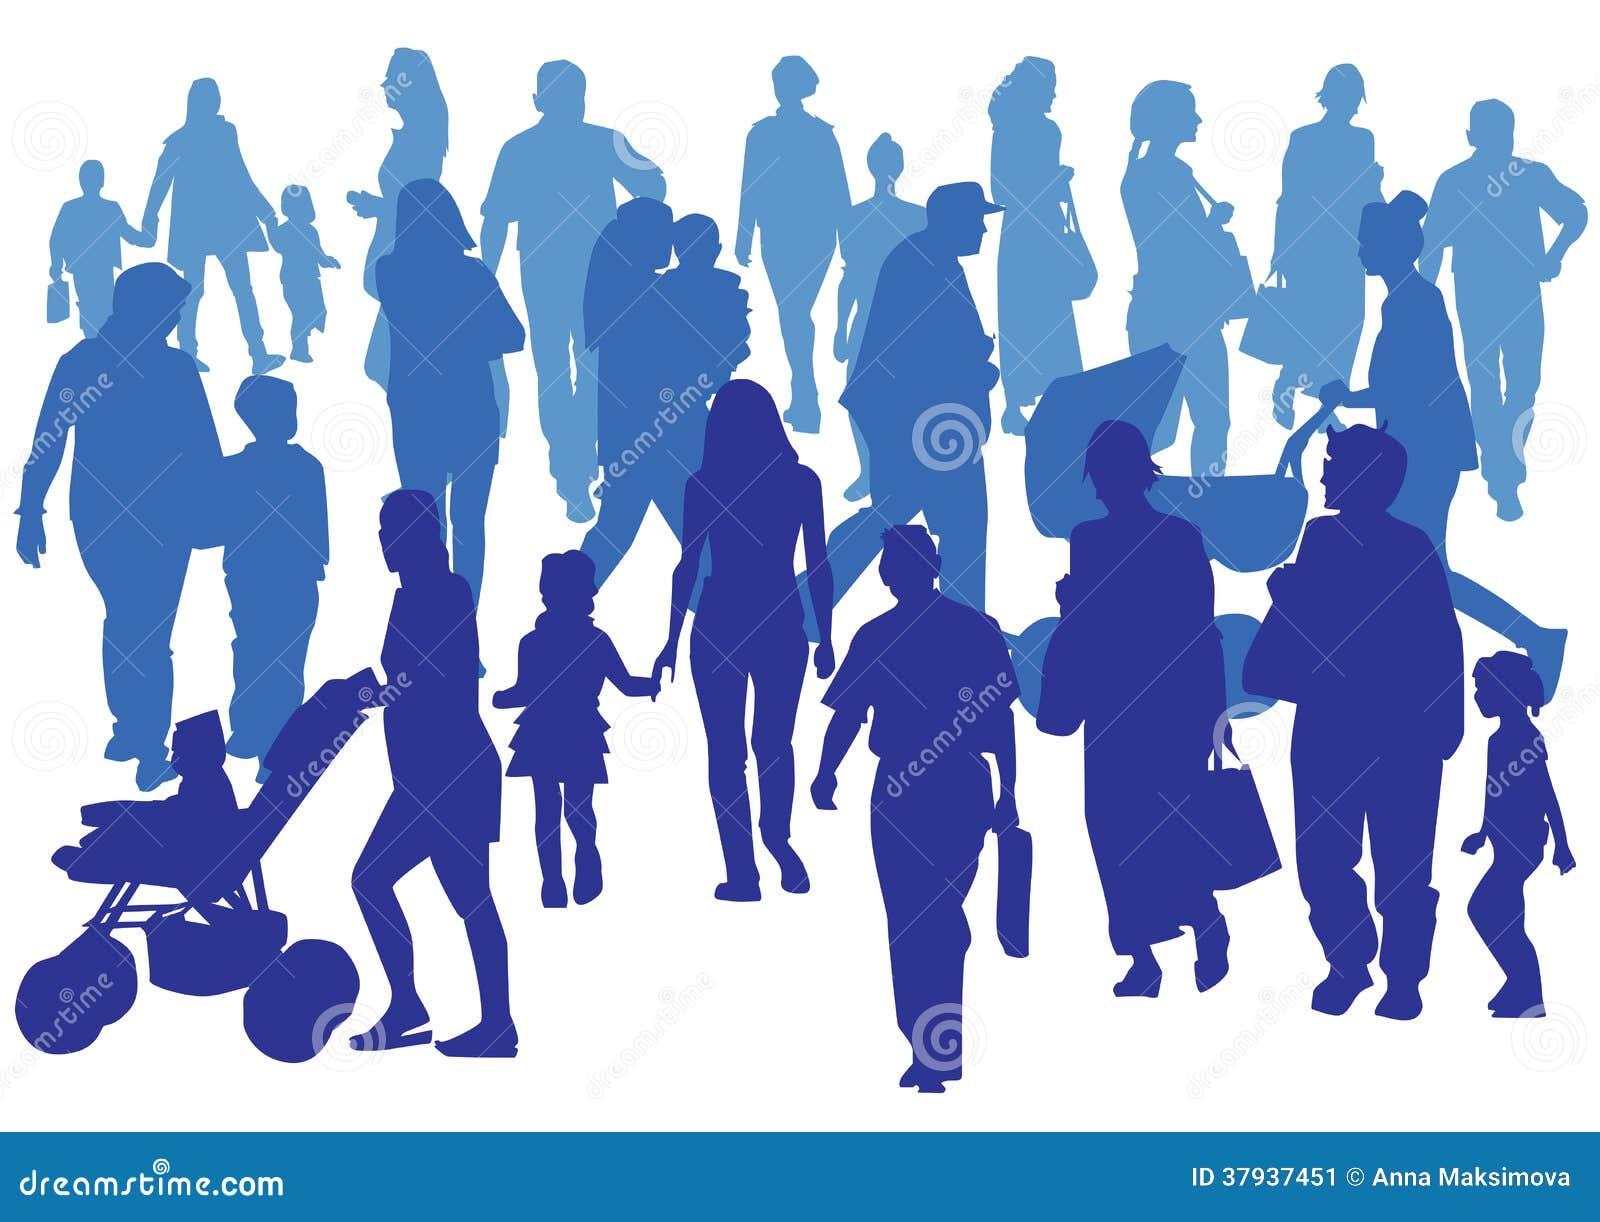 Folkmassa Fotografering för Bildbyråer - Bild: 37937451